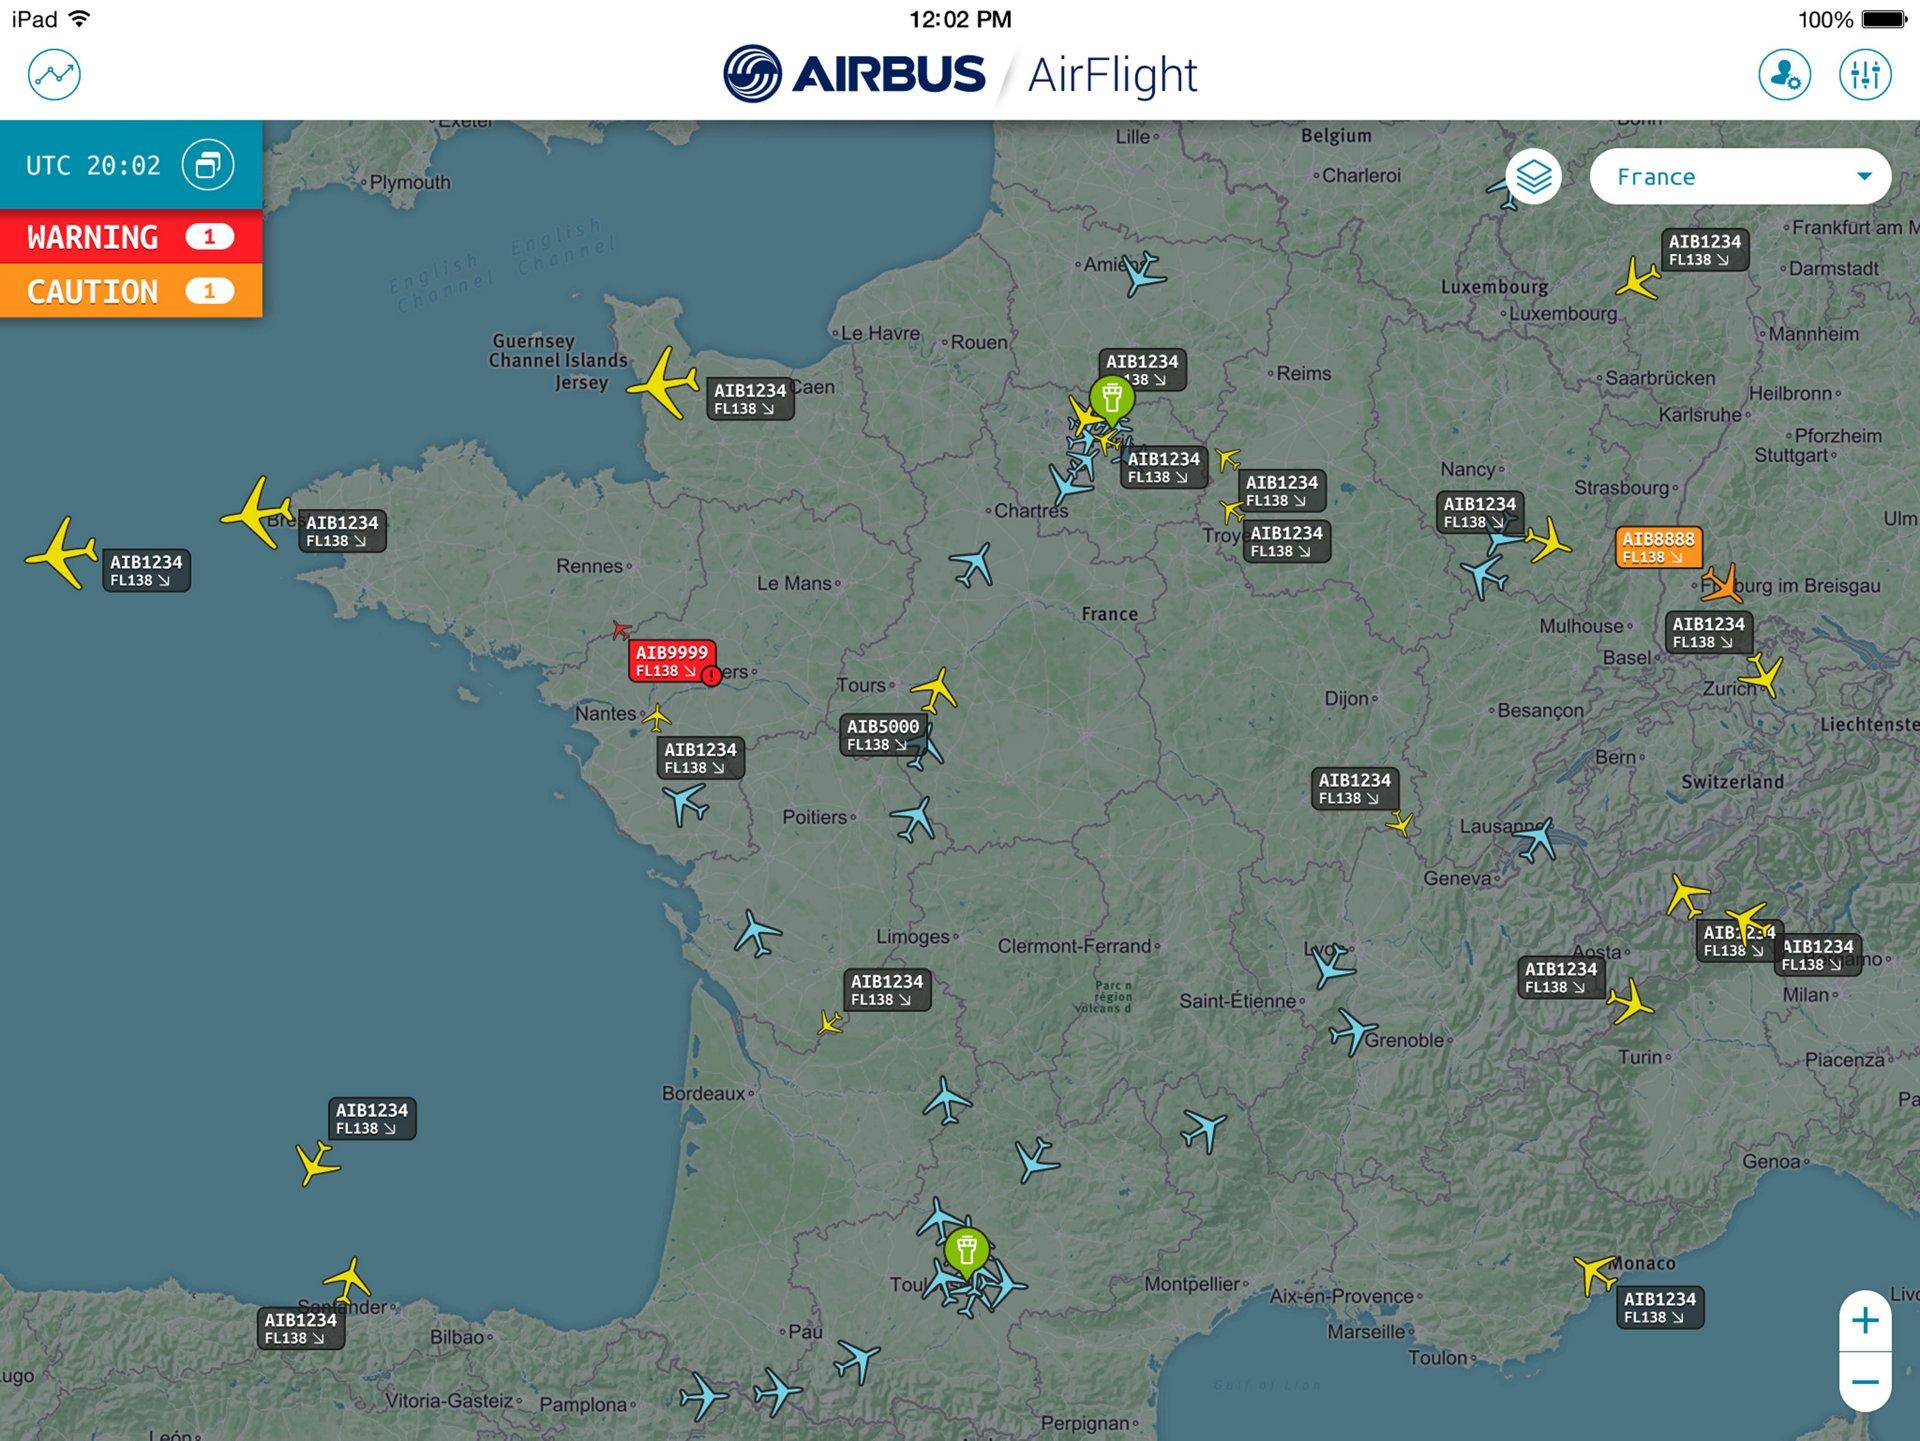 Paris Air Show 2015_AirFlight 2